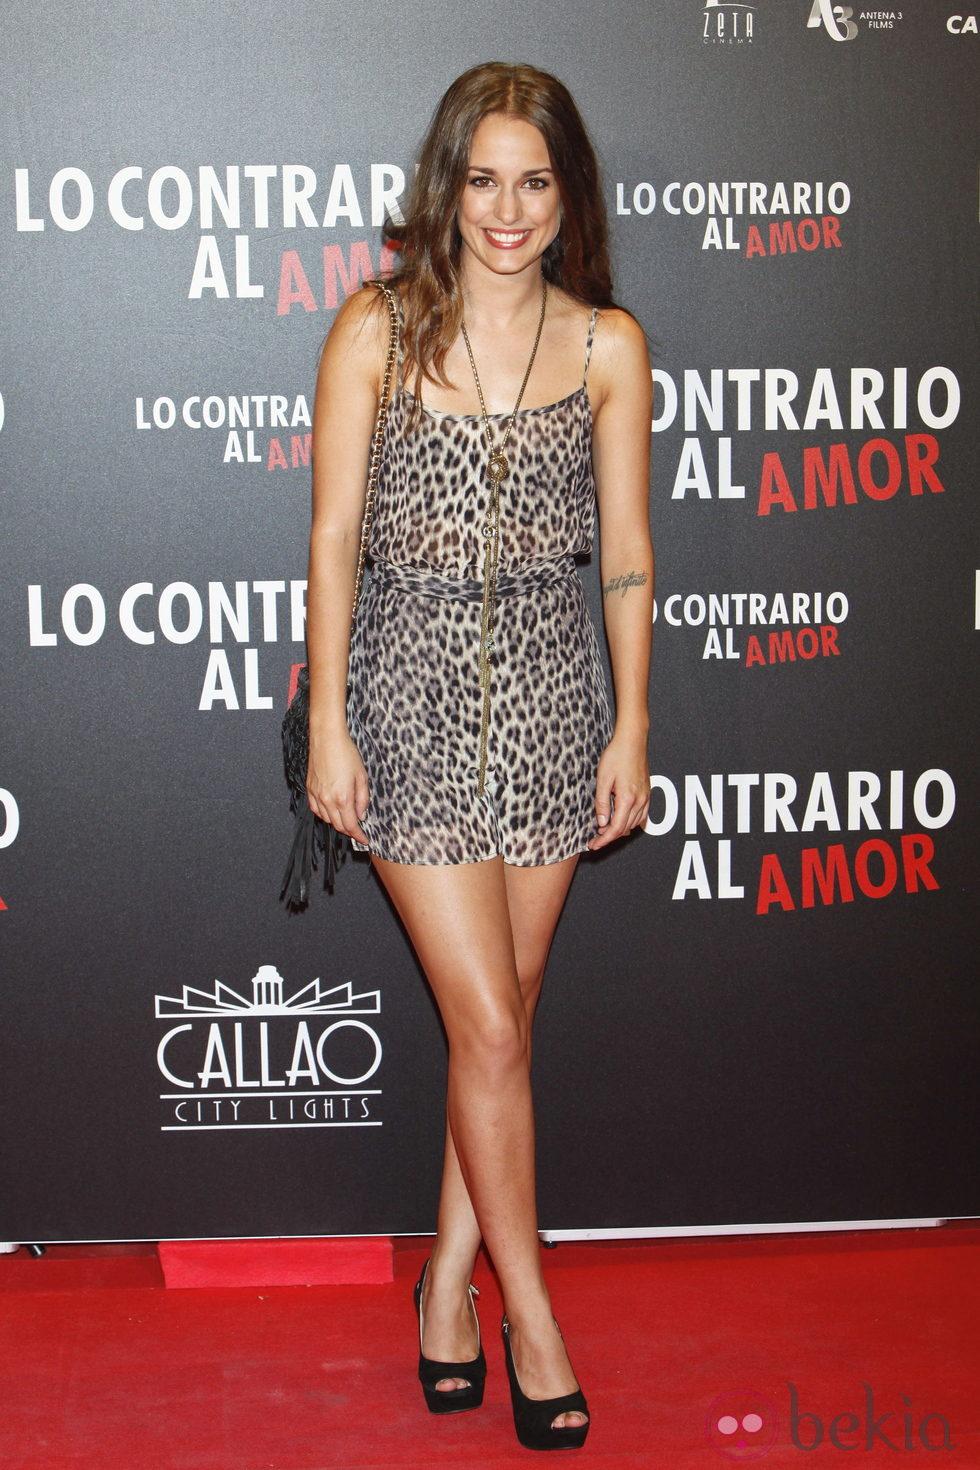 Silvia Alonso en el estreno de 'Lo contrario al amor' en Madrid